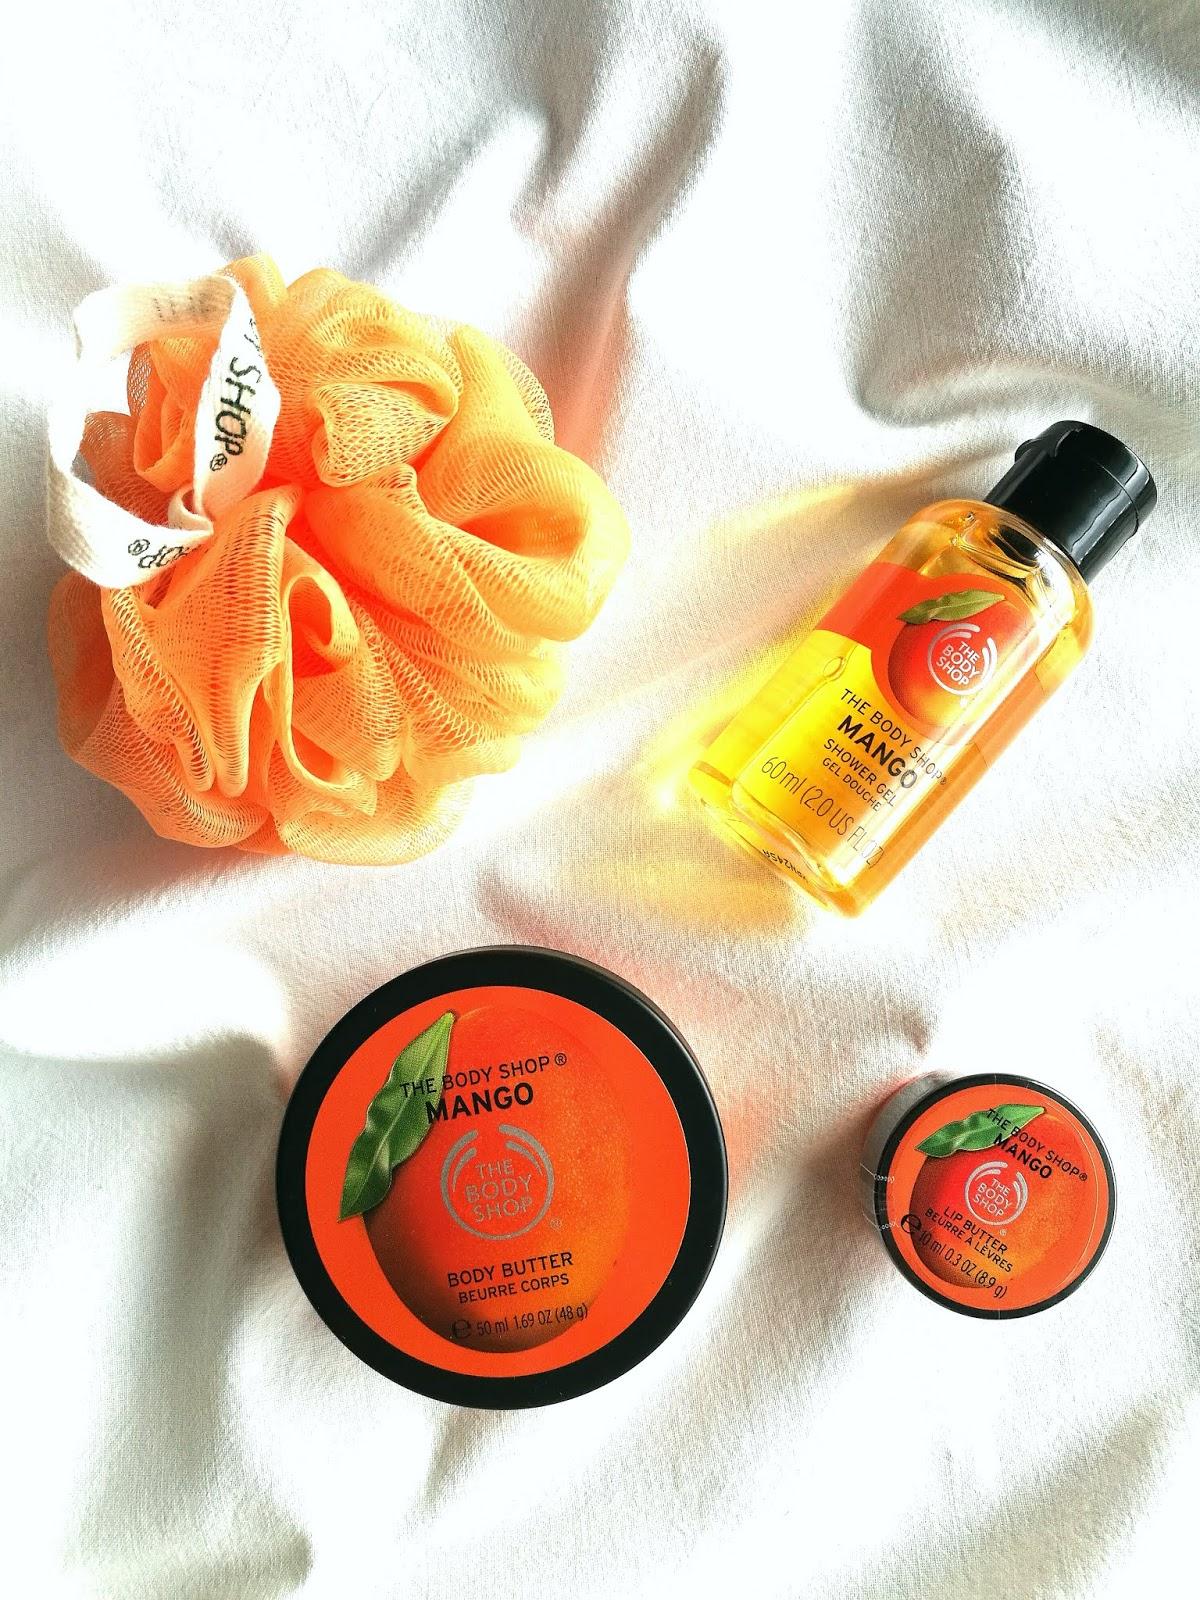 Saippuakuplia olohuoneessa blogi, kuva Hanna Poikkilehto, The Body Shop, arvonta, lifestyle,